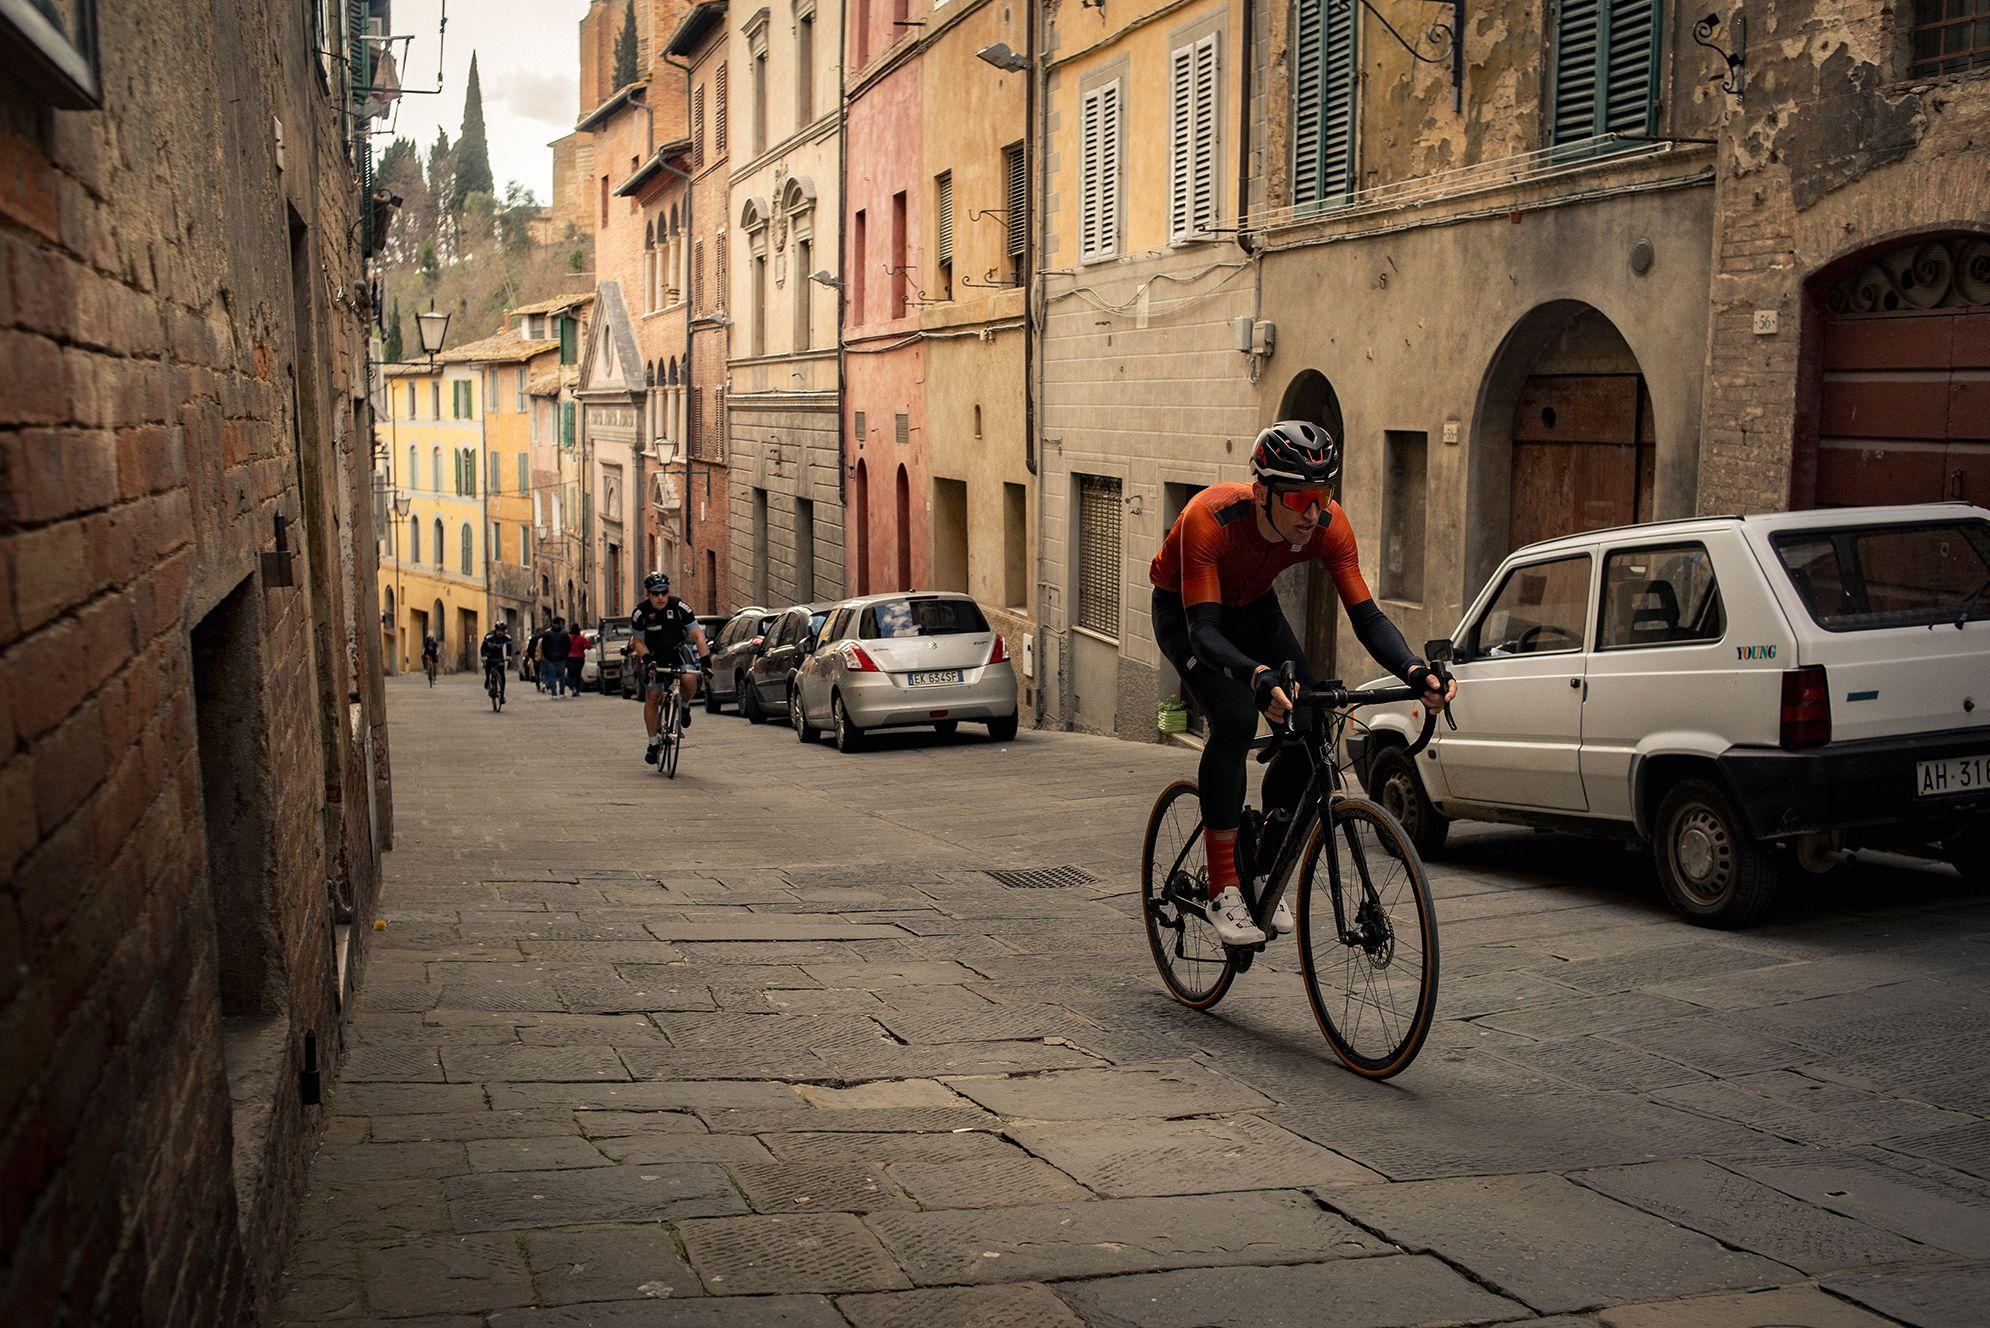 Granfondo Strade Bianche aankomst Siena